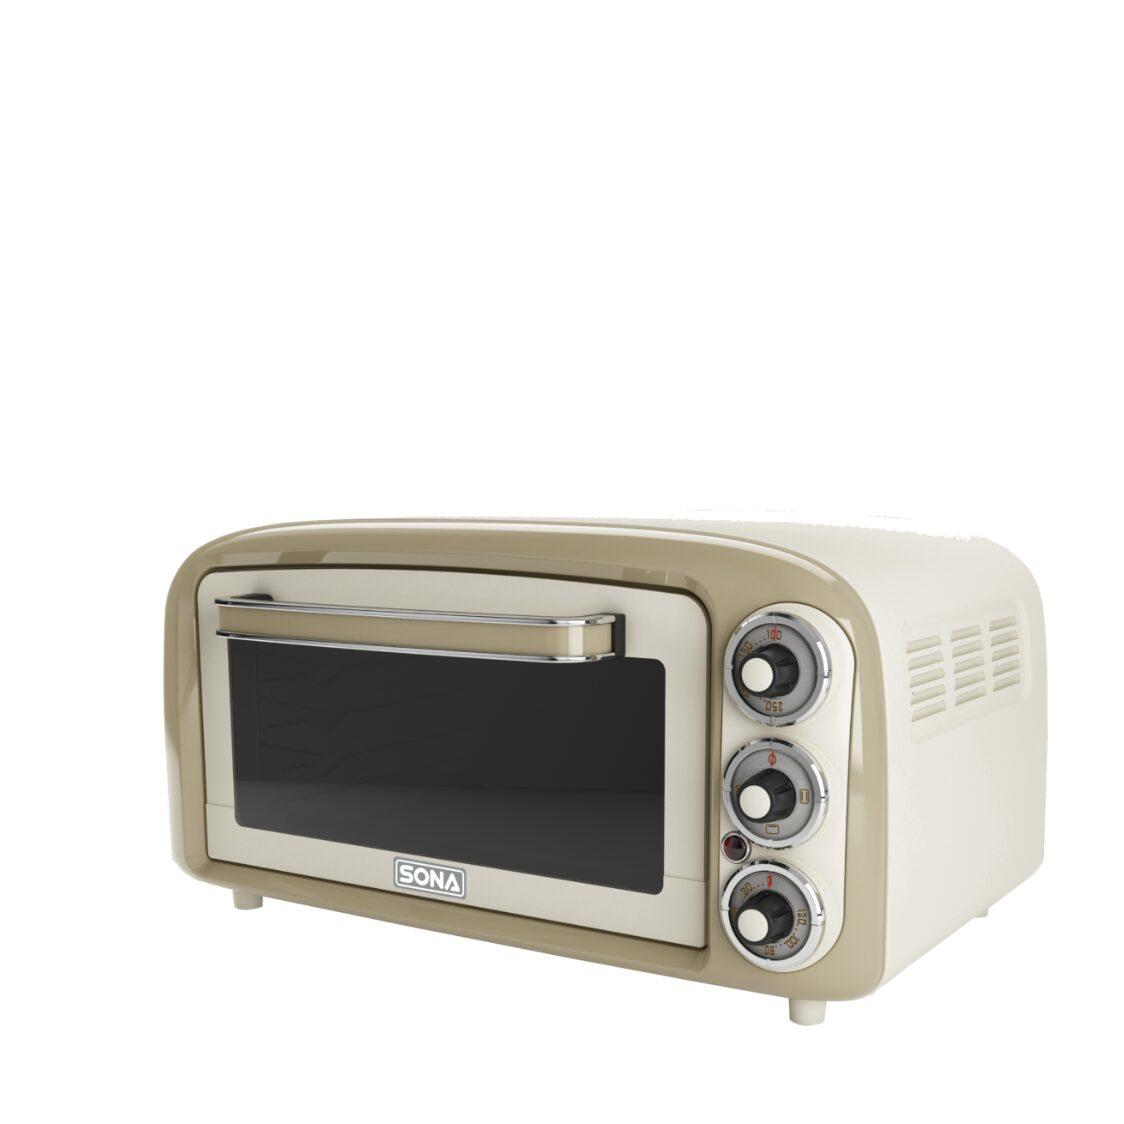 Sona 18L Pizza Retro Oven SEO 2240